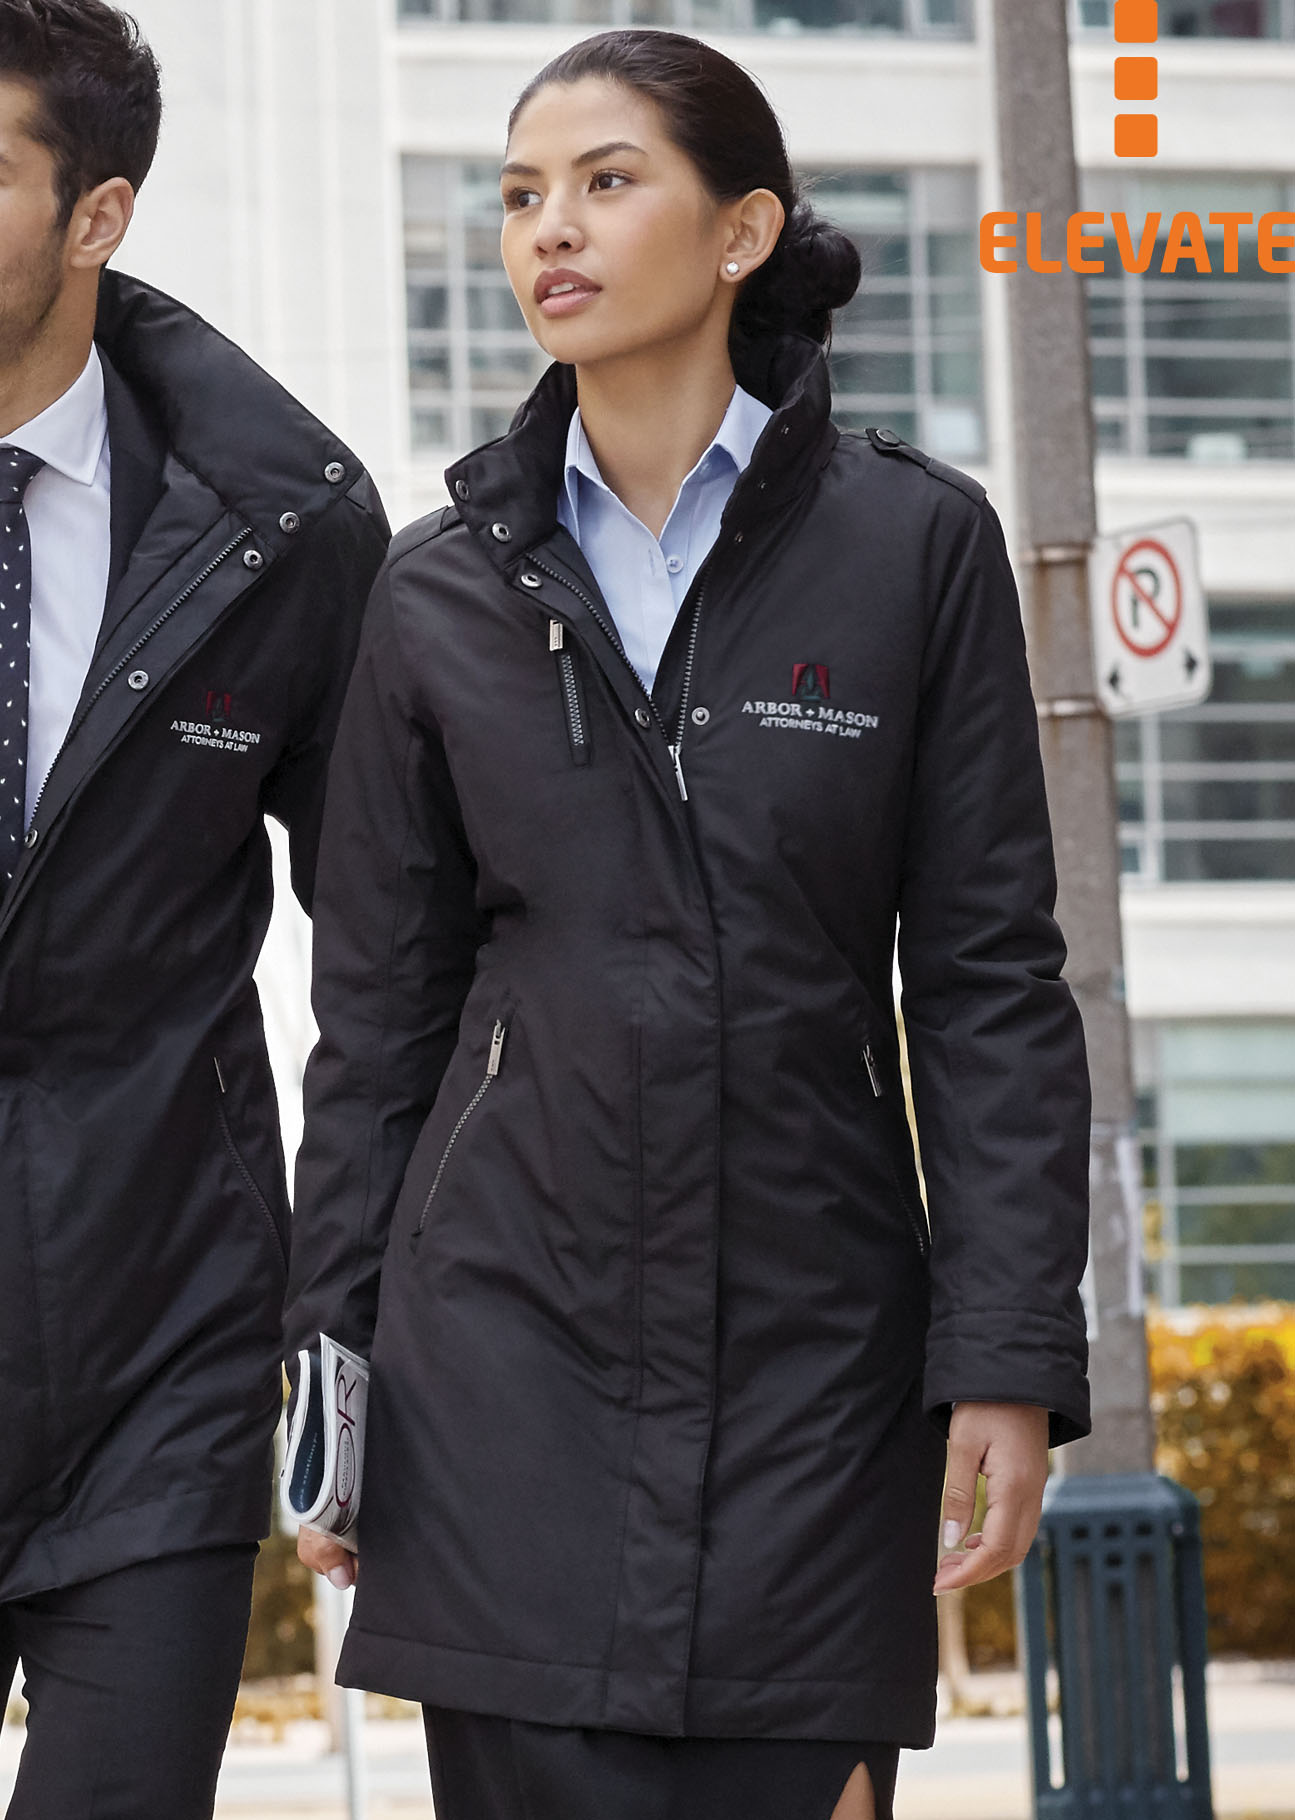 Werbemittel Damen Merkur Mantel Besticken « Business Elevate YqZPXdd